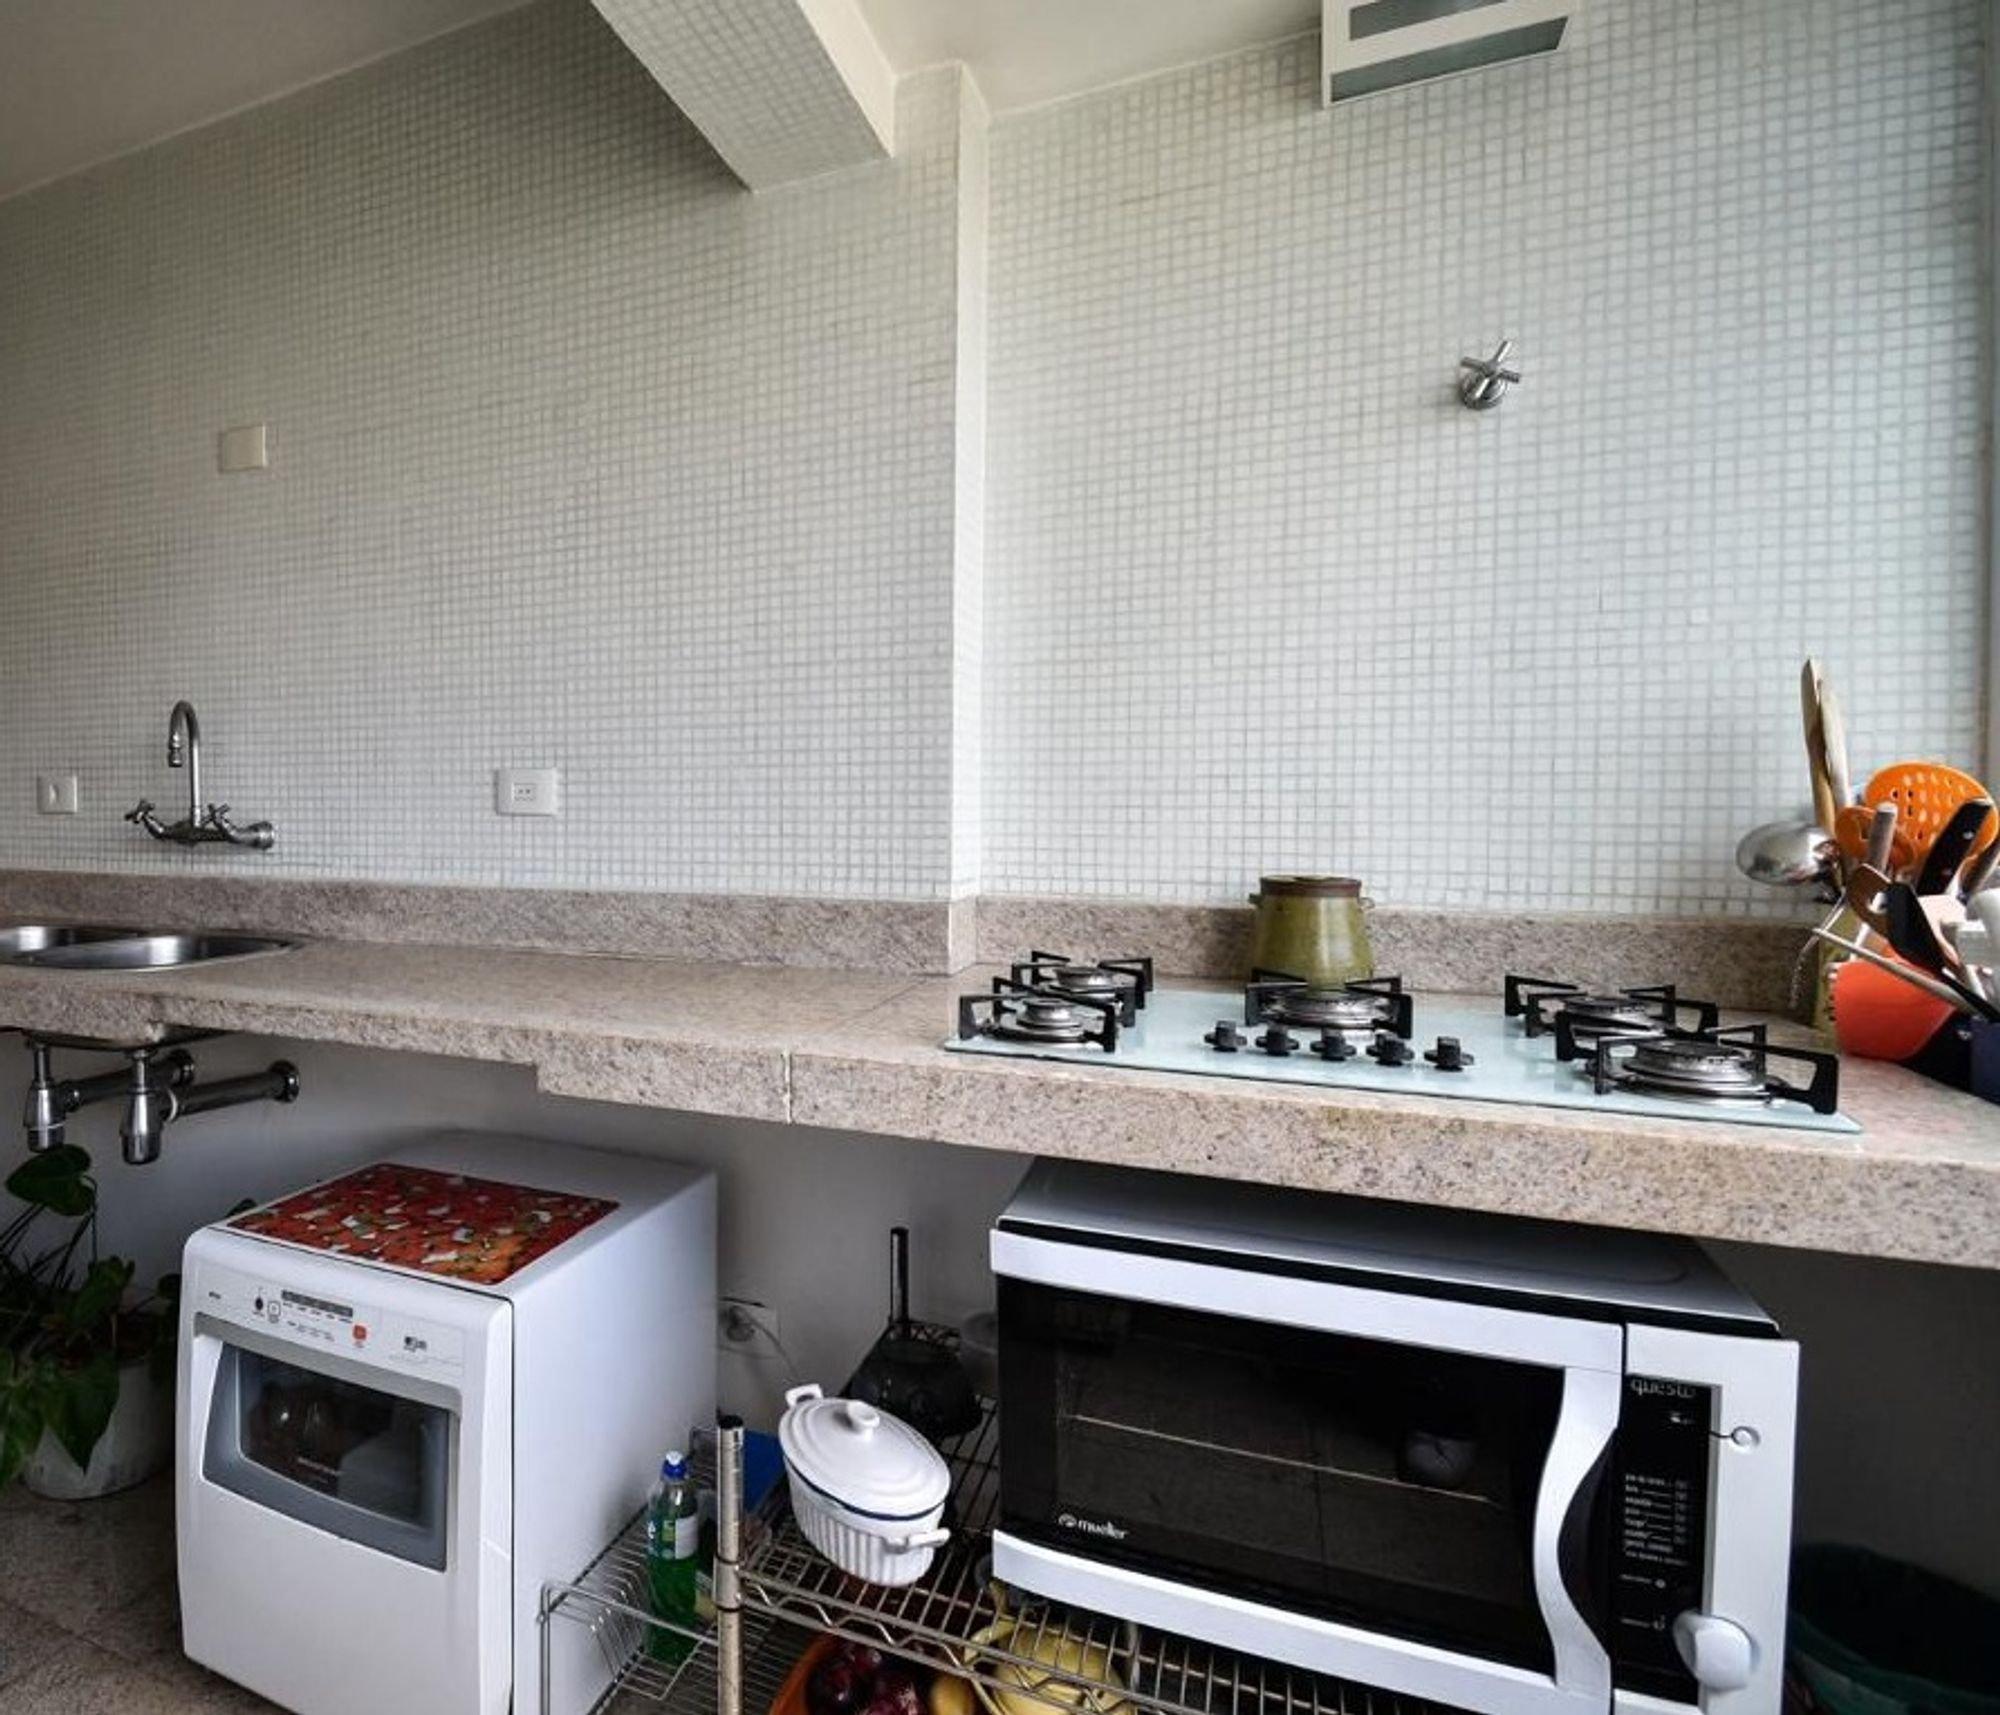 Foto de Cozinha com vaso de planta, forno, pia, microondas